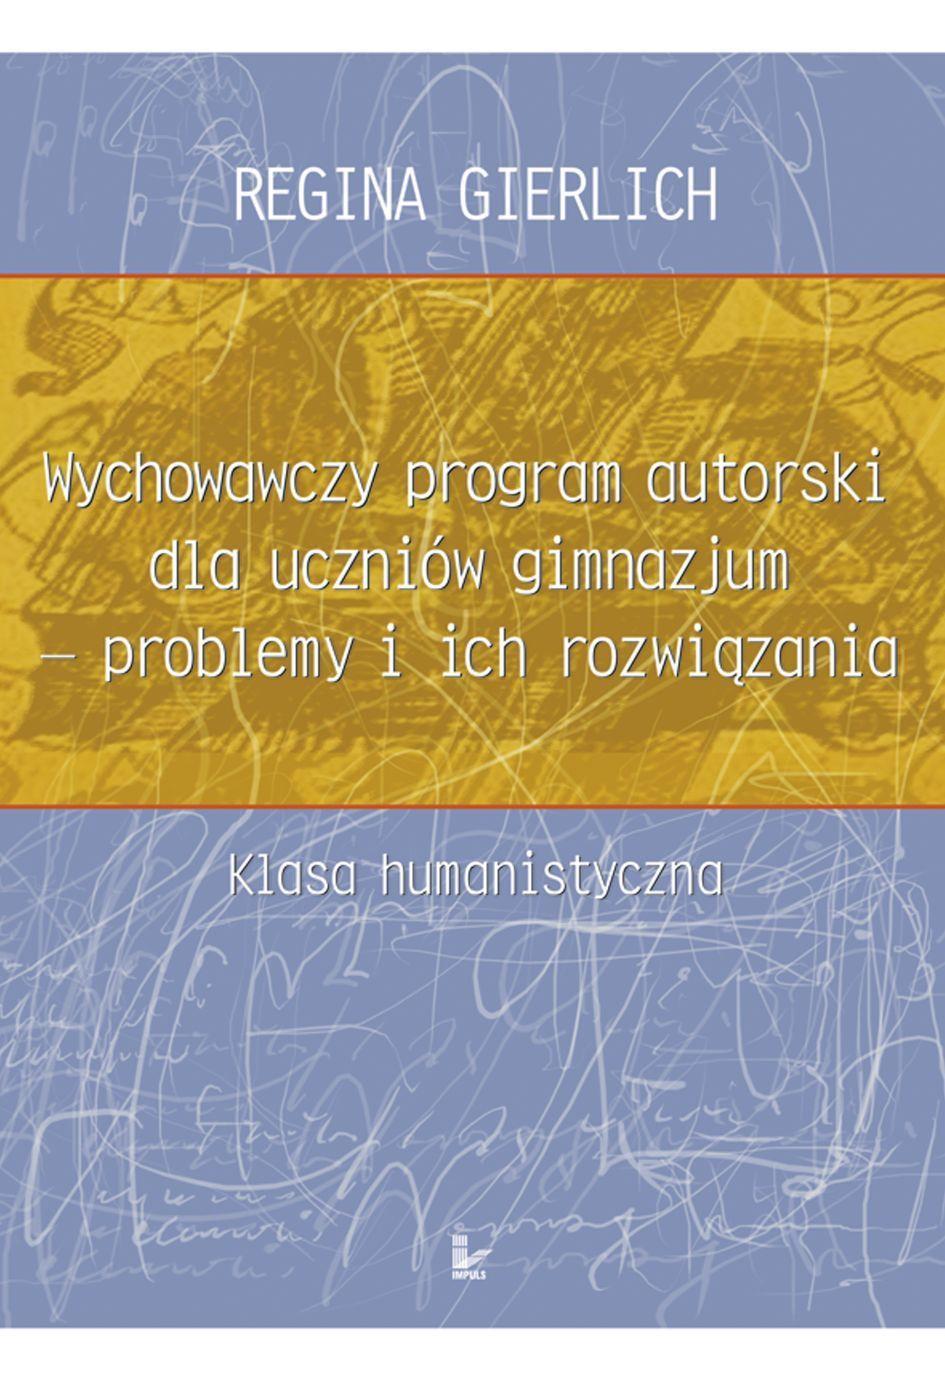 Wychowawczy program autorski dla uczniów gimnazjum - problemy i ich rozwiązania - Ebook (Książka EPUB) do pobrania w formacie EPUB